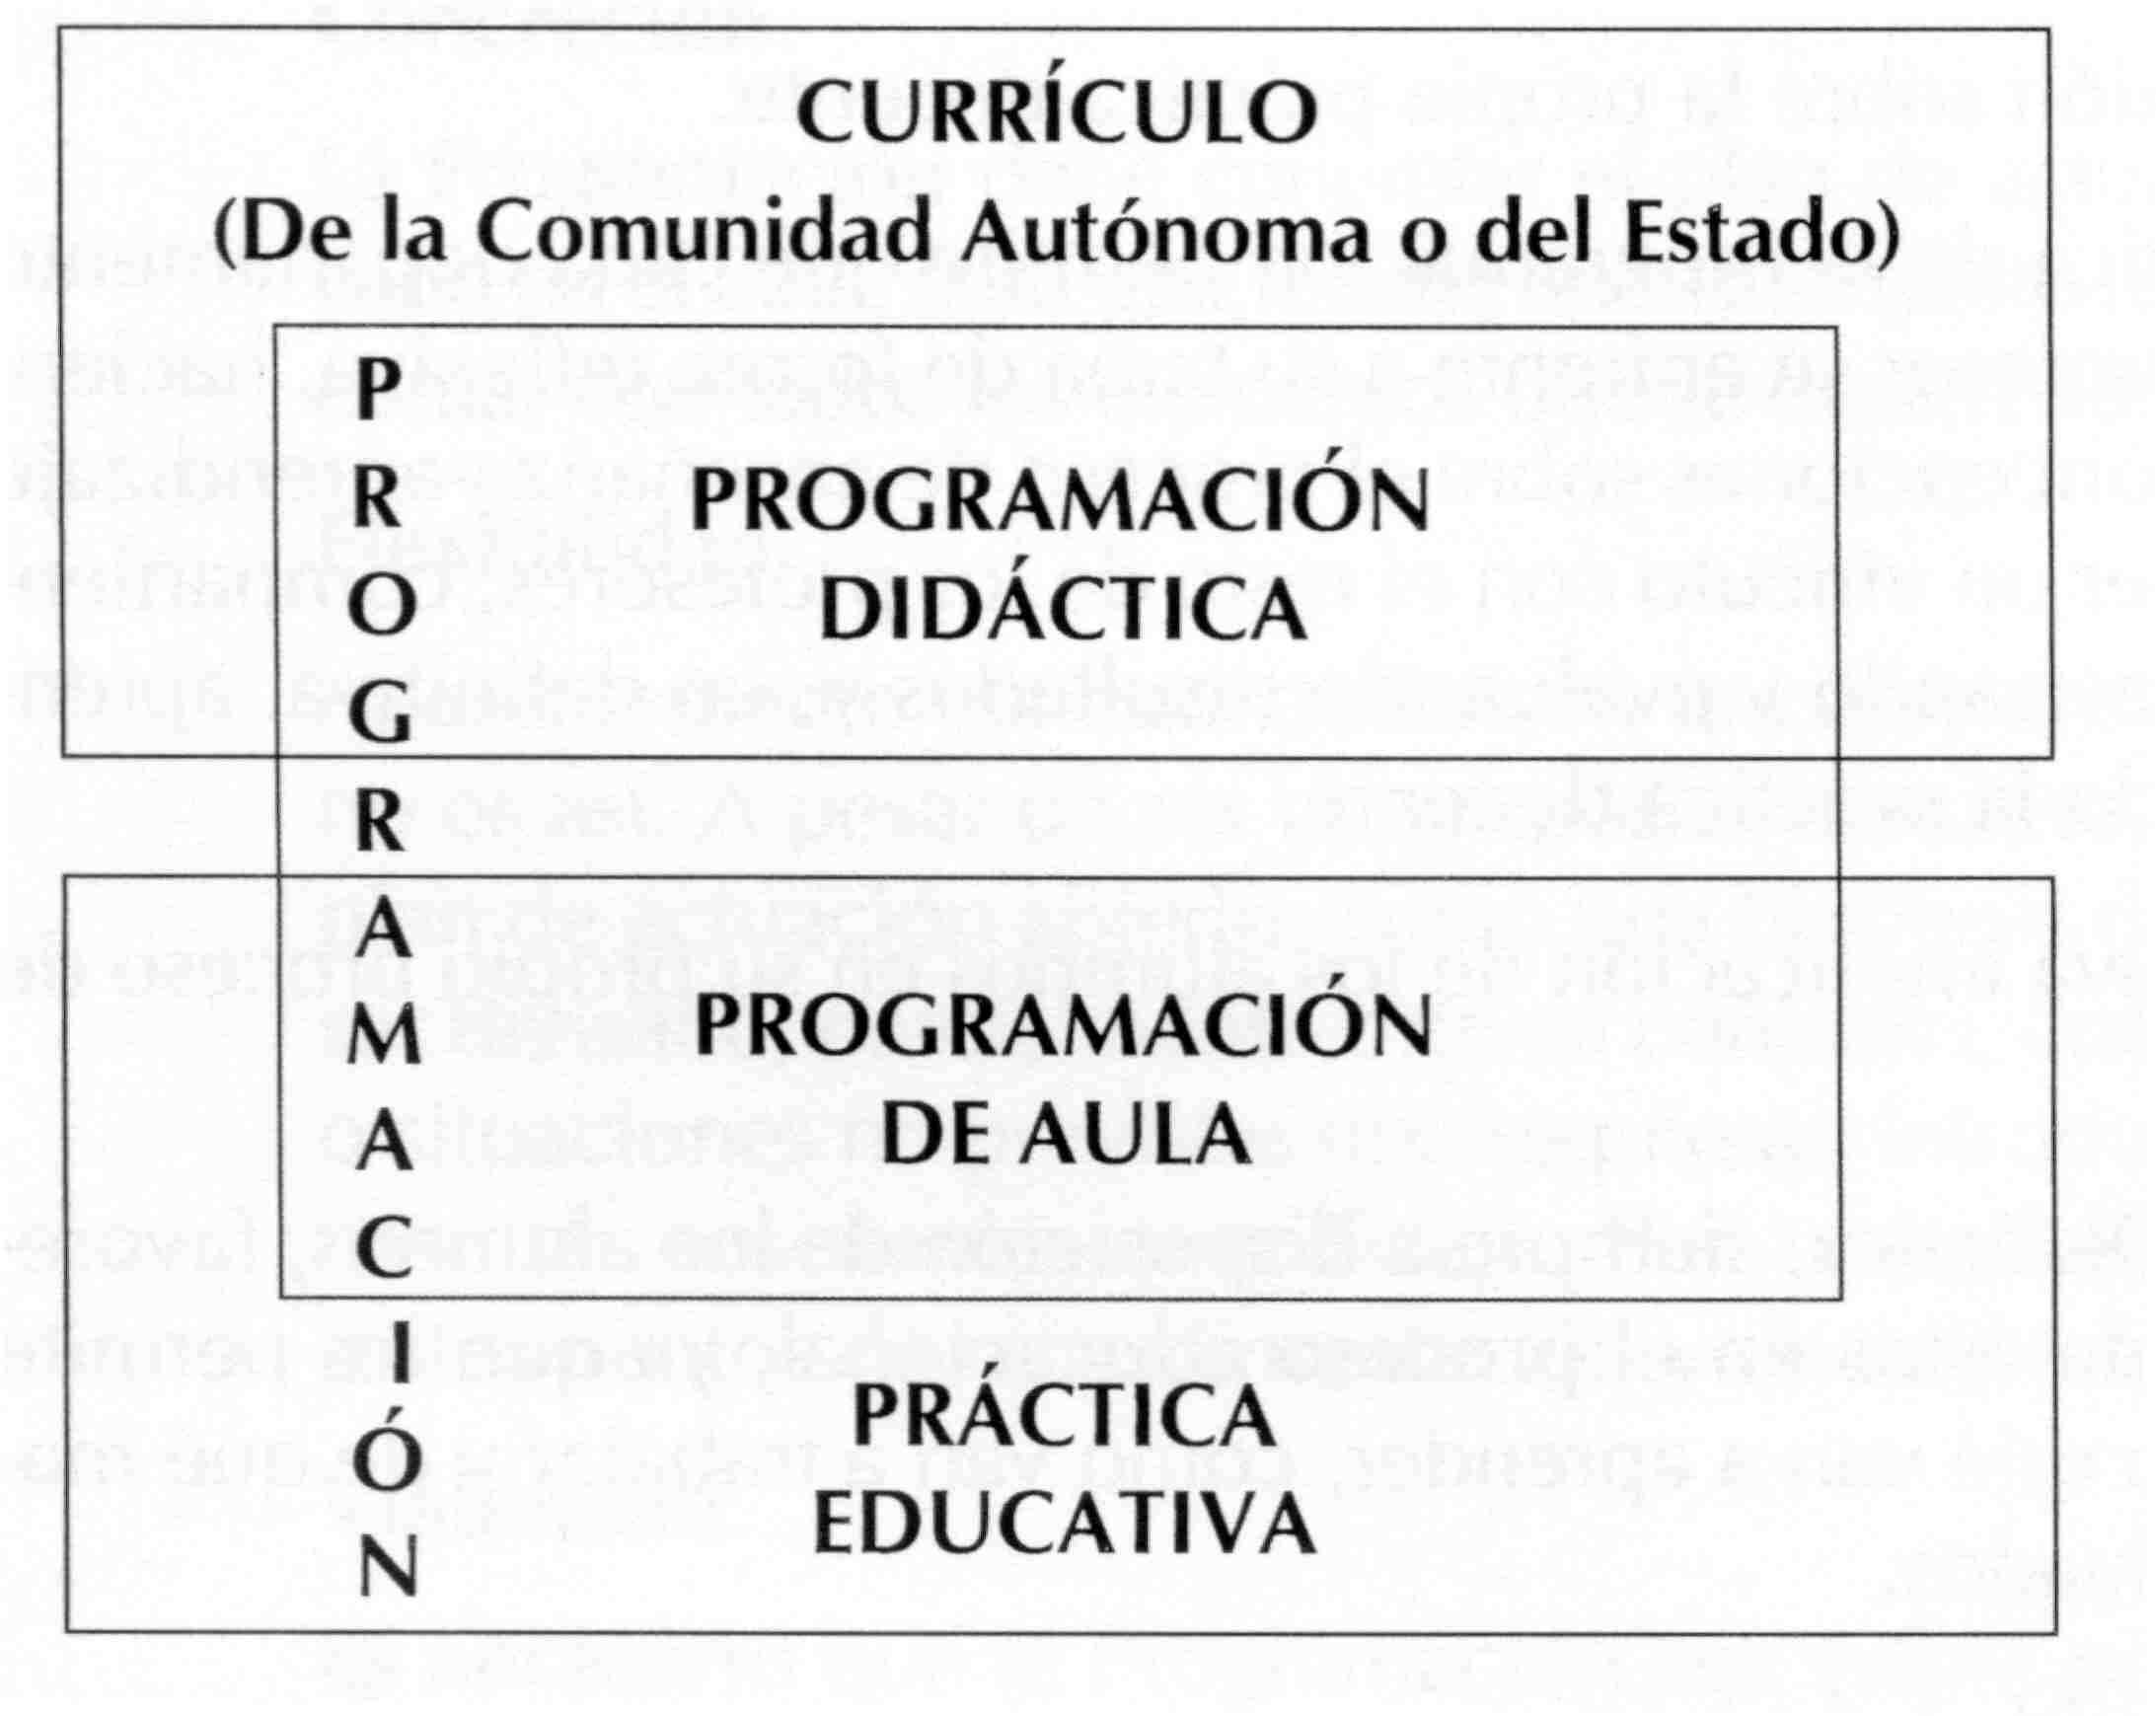 Objetivos de aprendizaje (¿Para qué enseñar?)